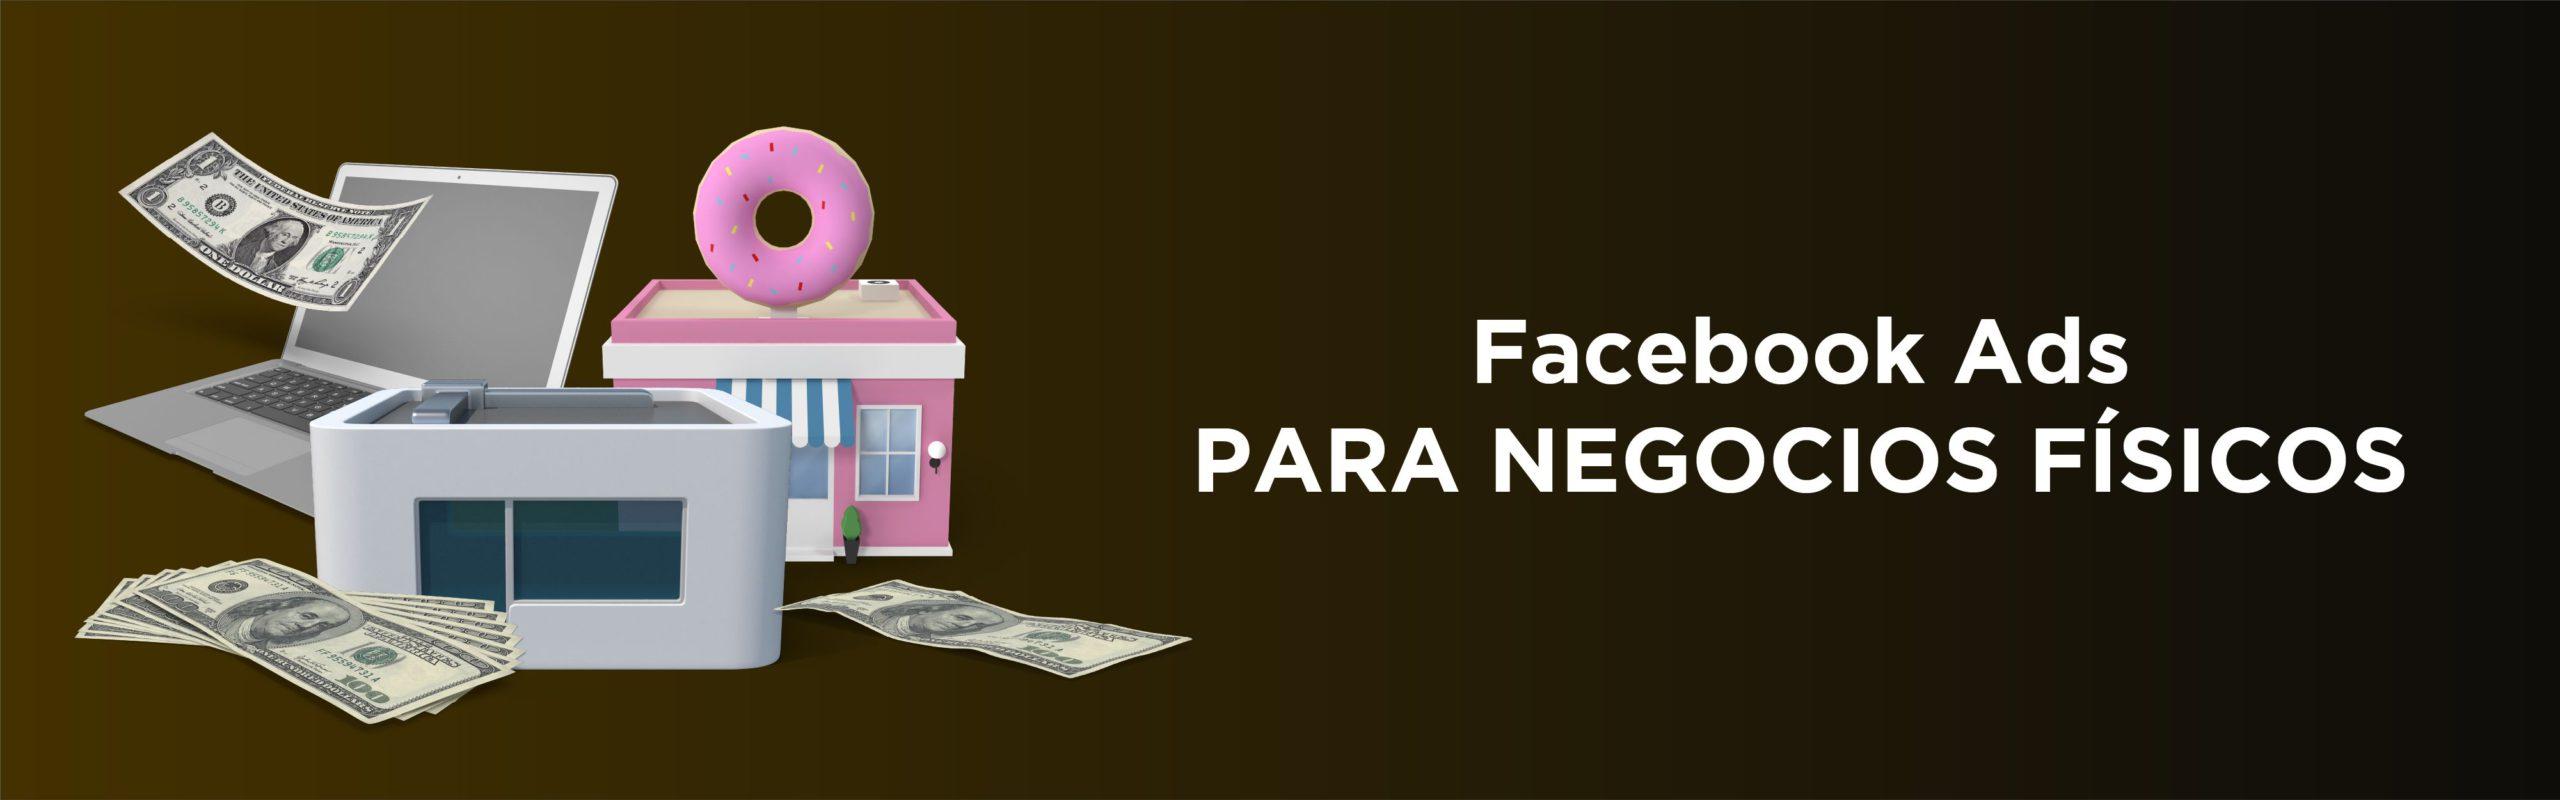 Facebook Ads para negocios físicos: consigue más clientes en tu tienda